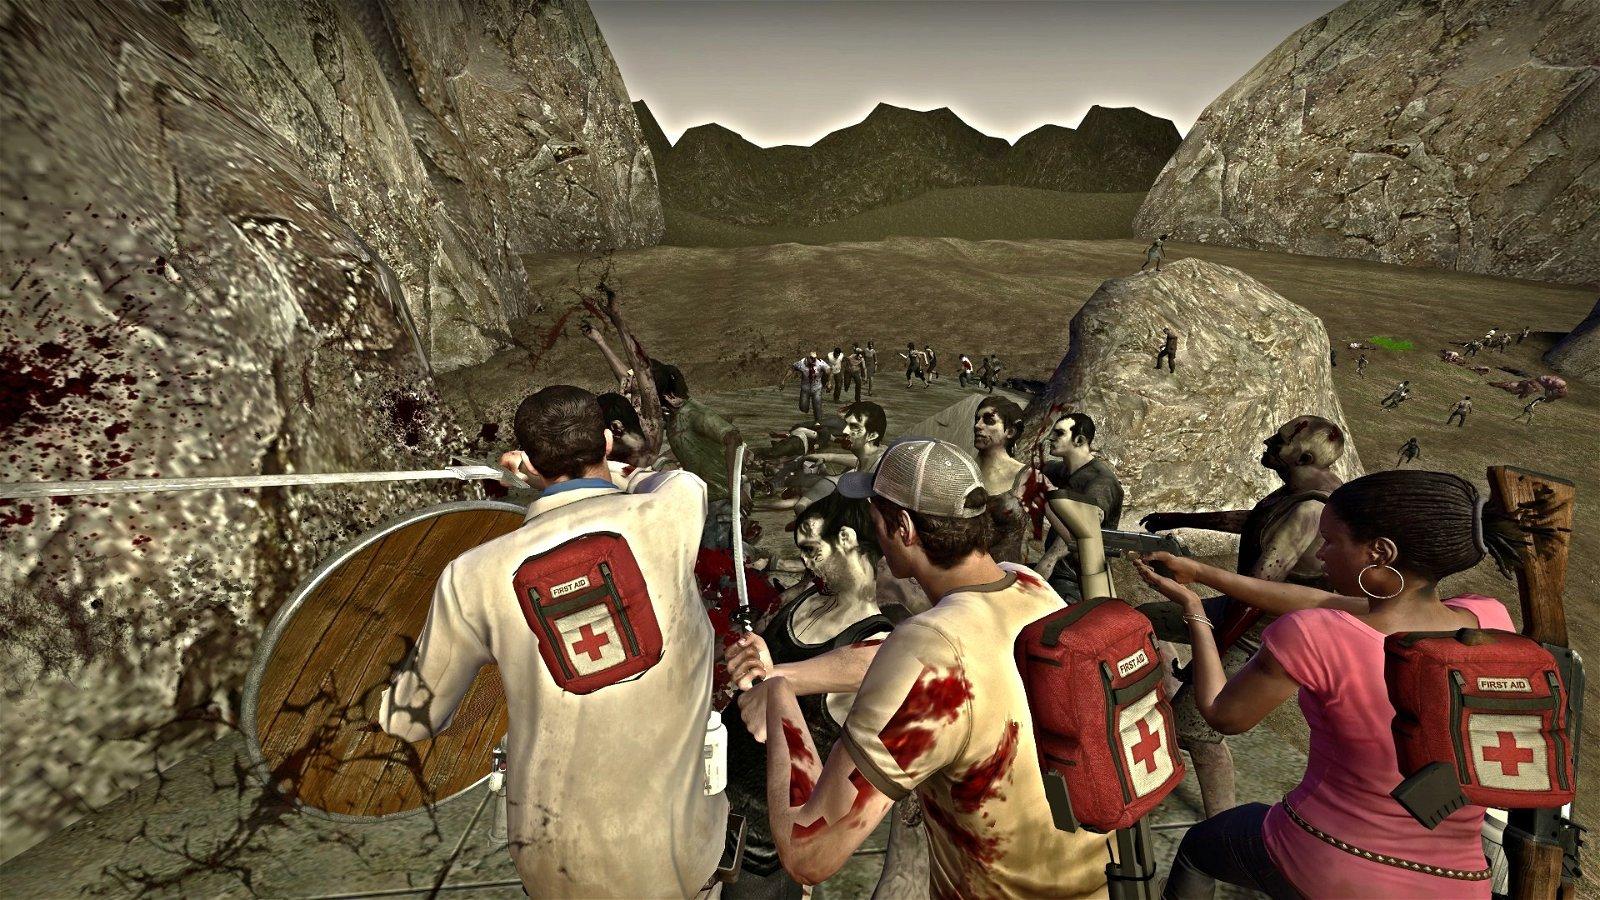 El Señor de los Anillos: Recrean la batalla del Abismo de Helm en Left 4 Dead 2